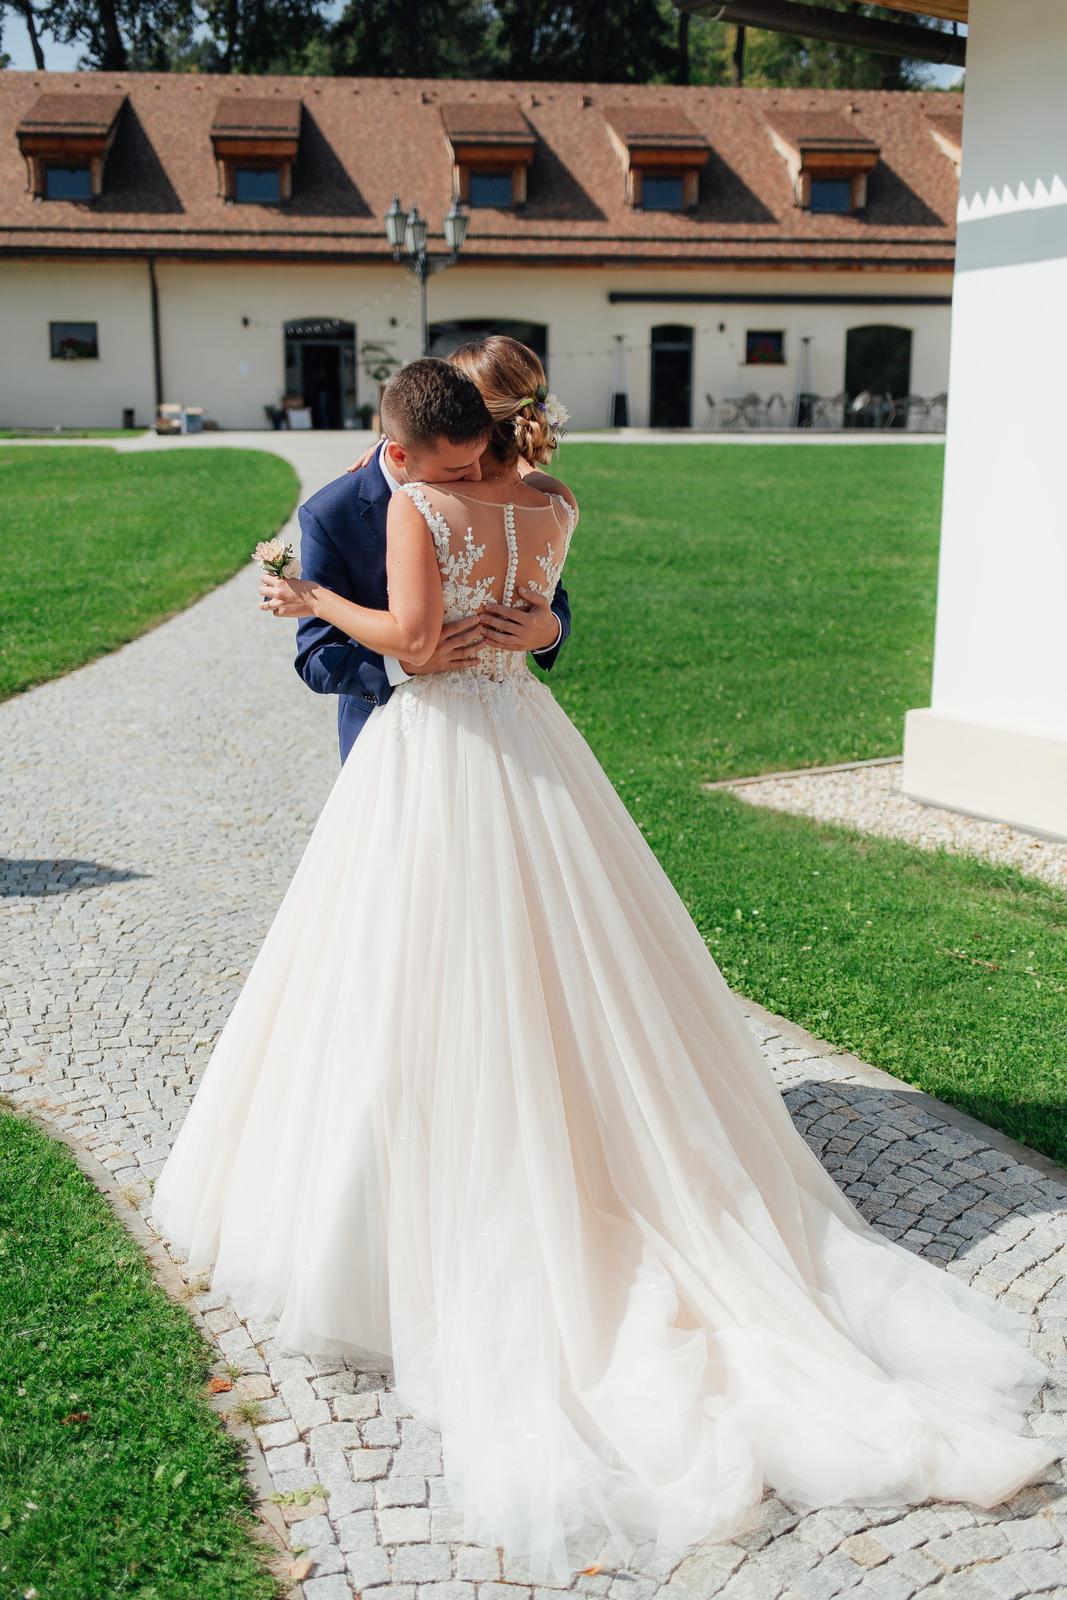 Svadobné šaty - Elody Linda - Obrázok č. 1